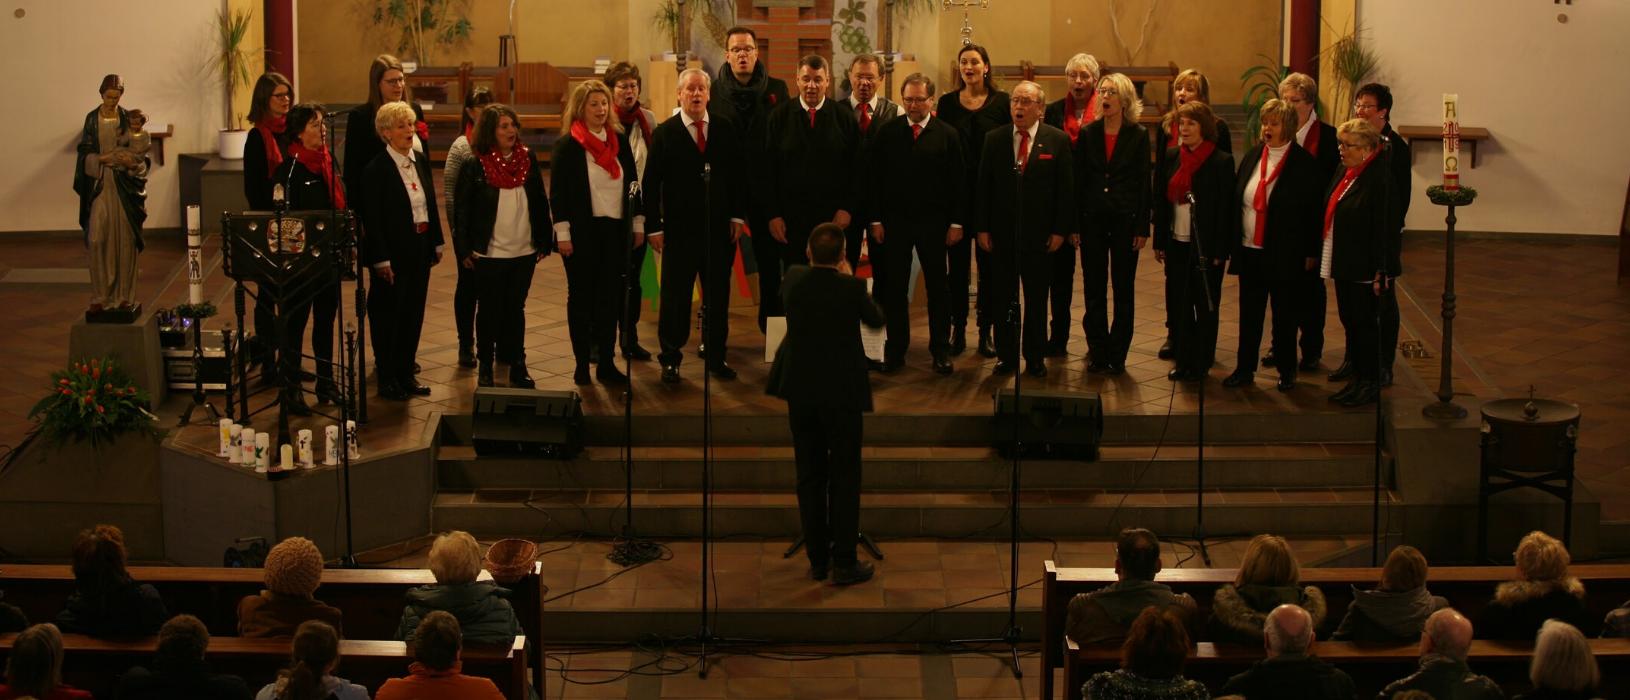 Die Florian Singers bei ihrem Auftritt in der St. Marienkirche in Dortmund-Eving.